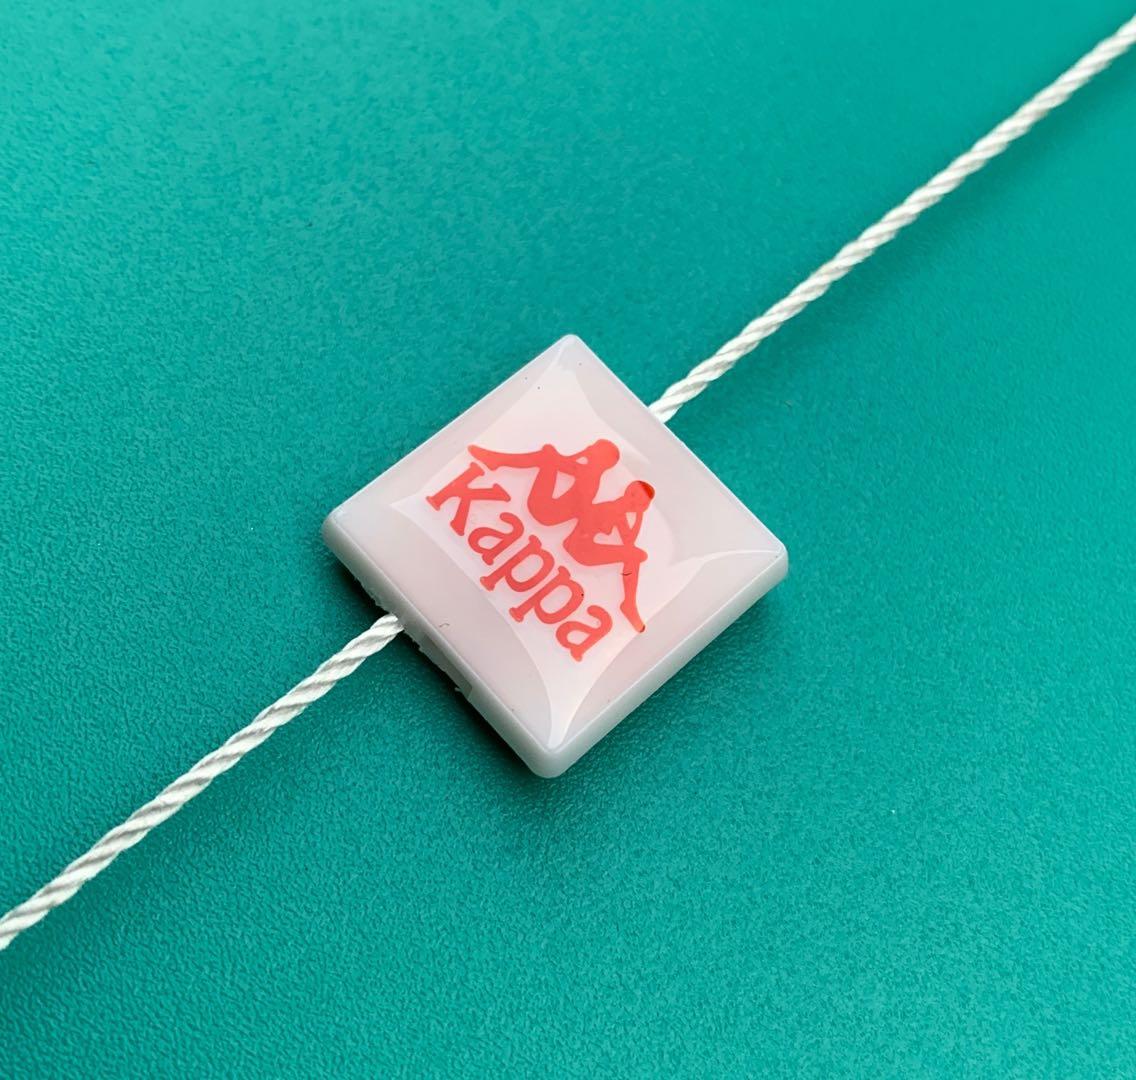 滴胶吊粒吊牌—吊粒厂家—巧尔丹塑料制品厂